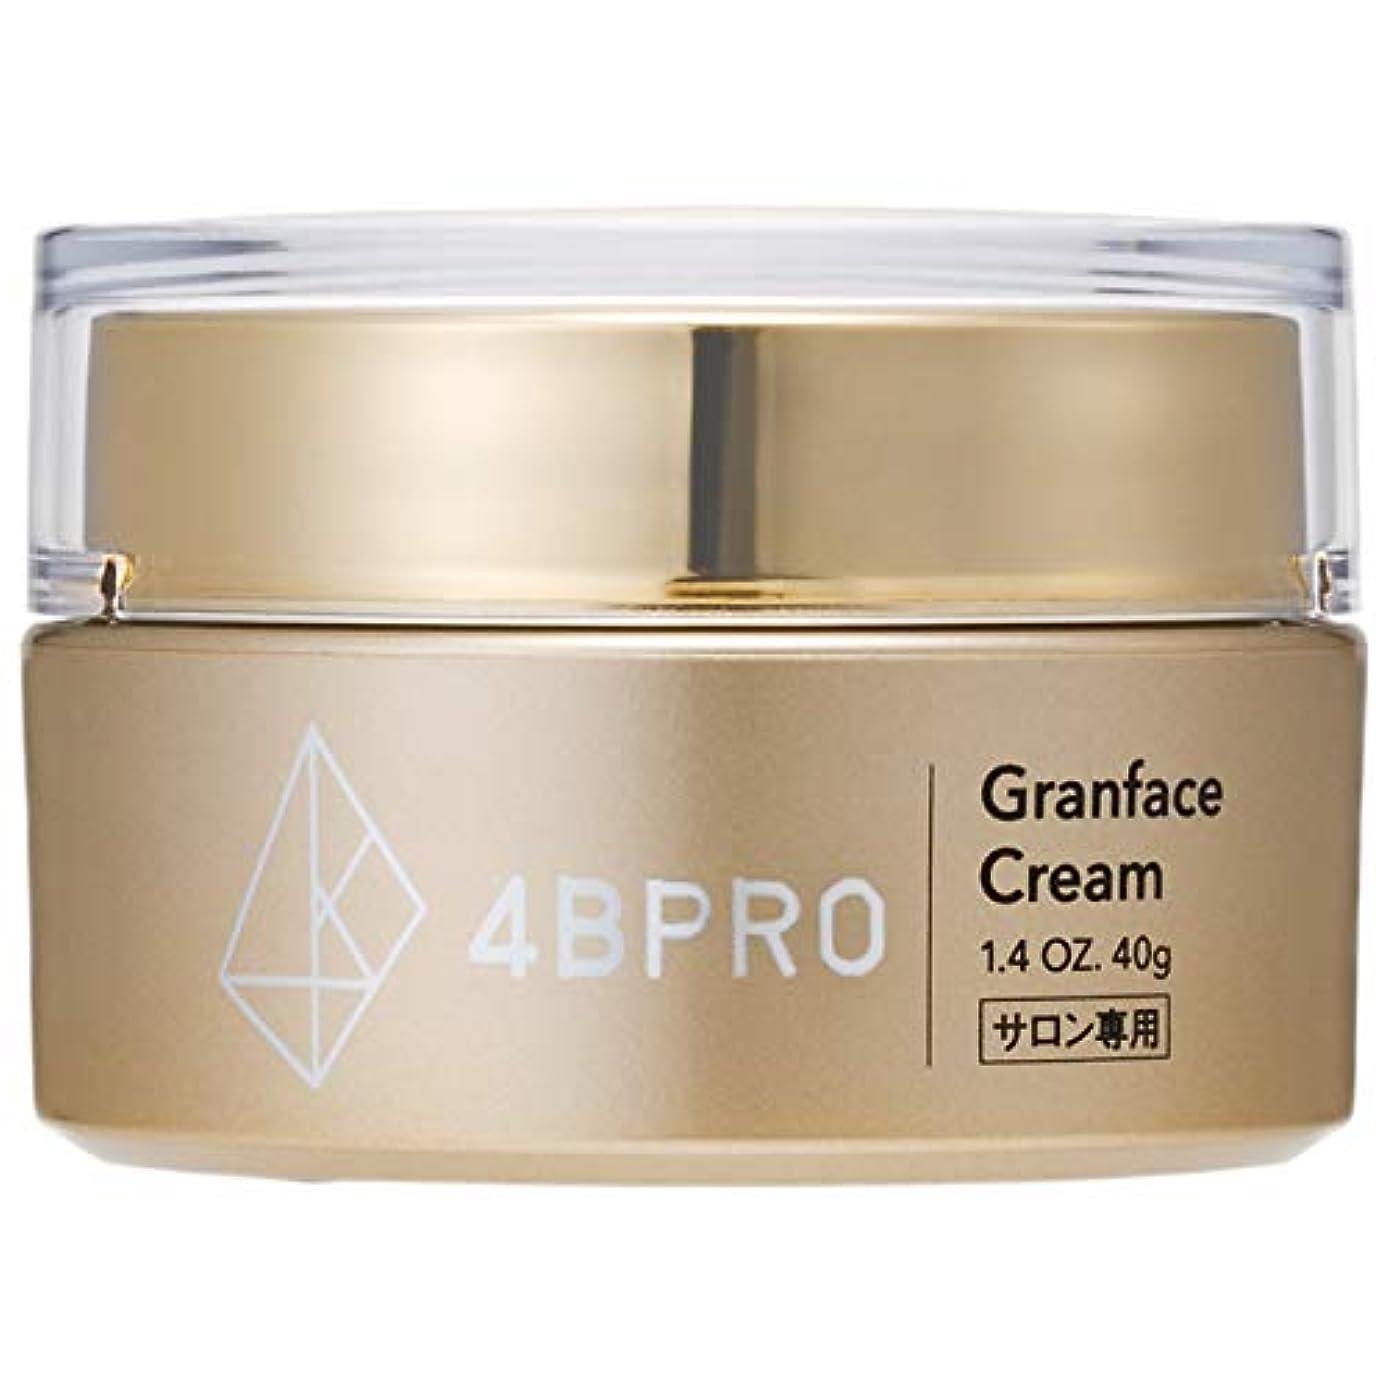 優遇性能写真4BPRO GranFace Cream(フォービープロ グランフェイスクリーム)フェイスクリーム 高浸透型ヒアルロン酸、抗炎症、抗酸化、美白美容成分配合 40g